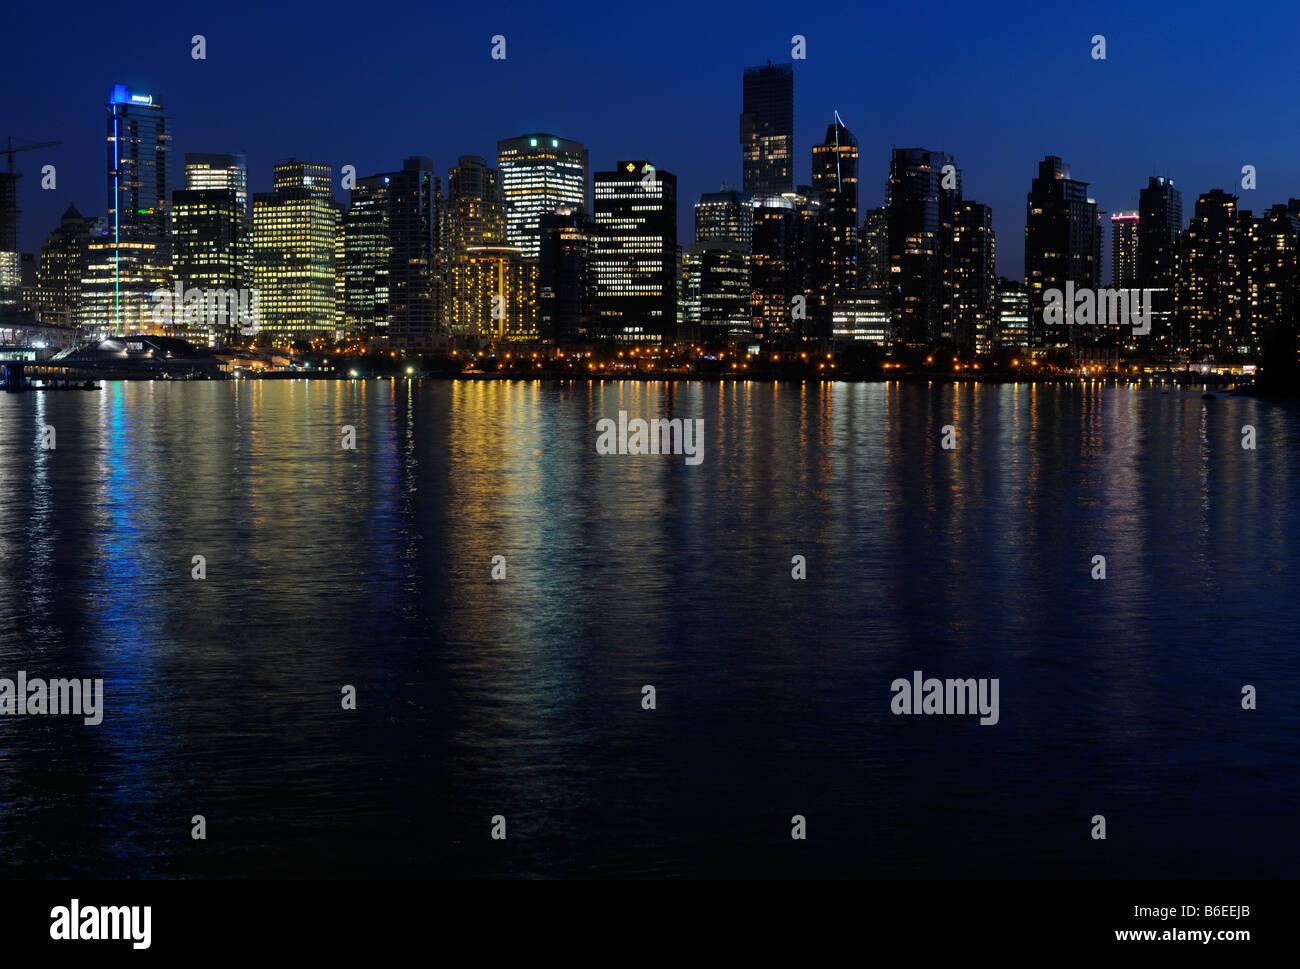 Vancouver skyline paisaje al atardecer reflejado en Burrard Inlet del Parque Stanley. Imagen De Stock